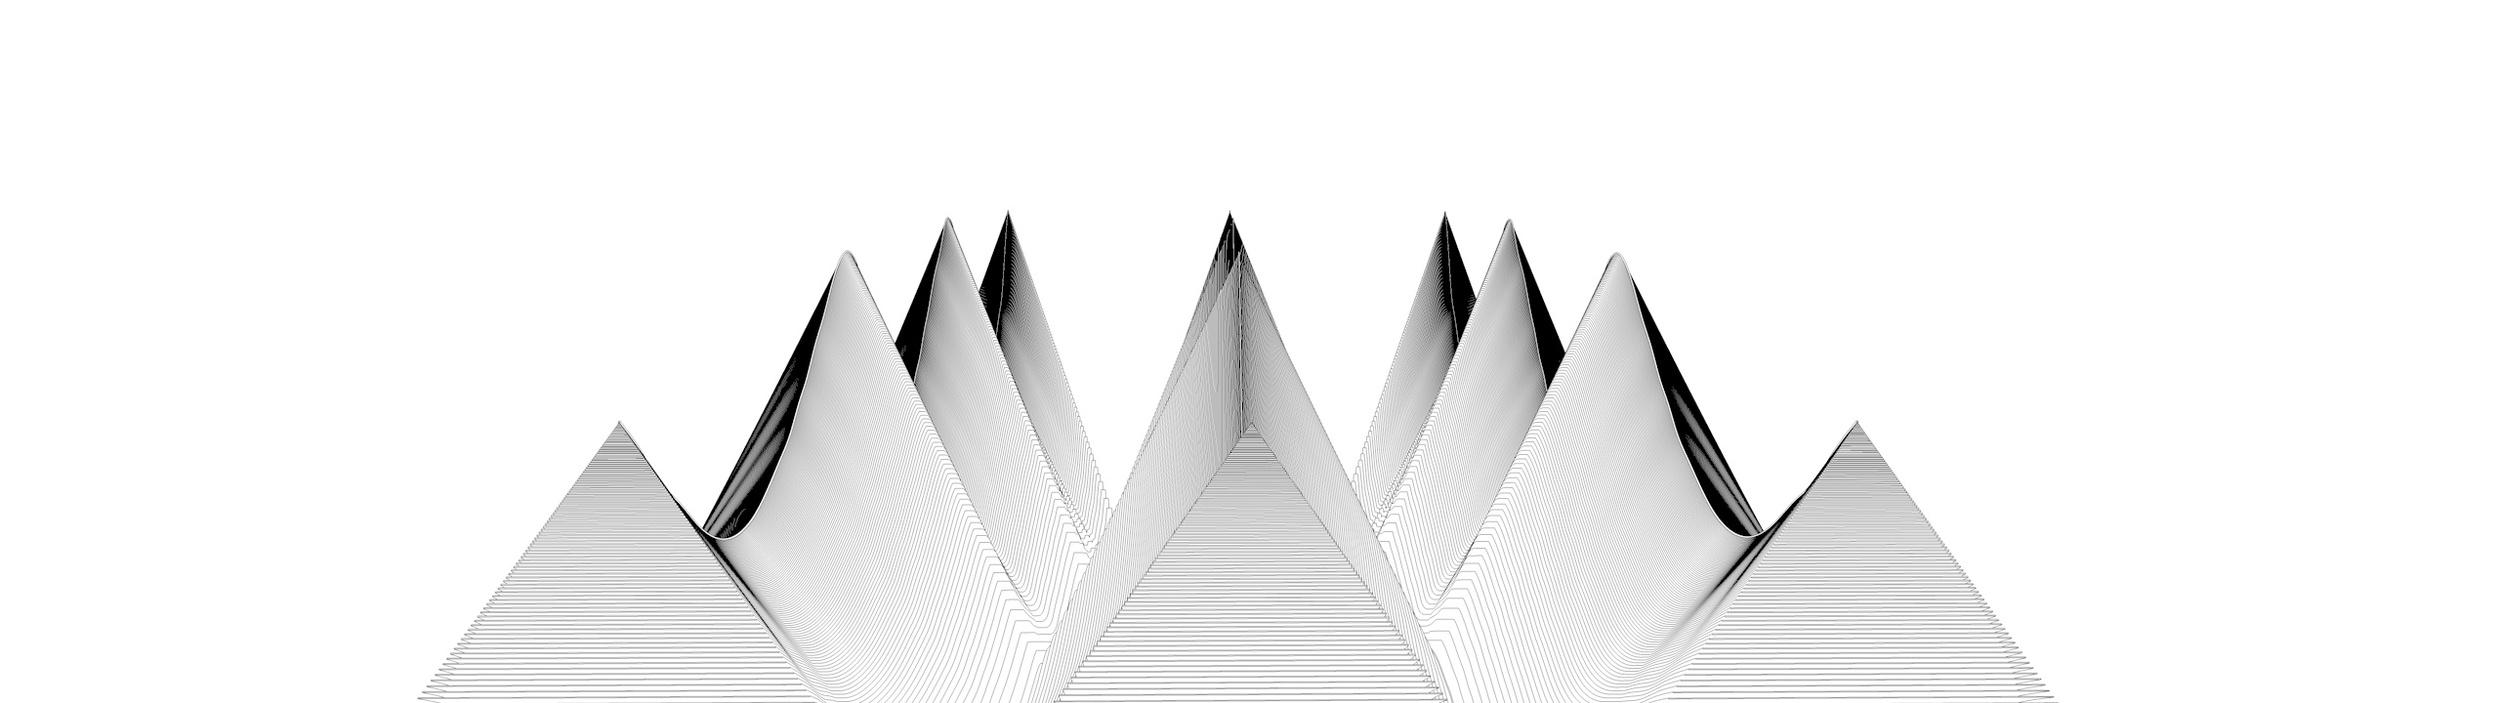 render_1_0078.jpg